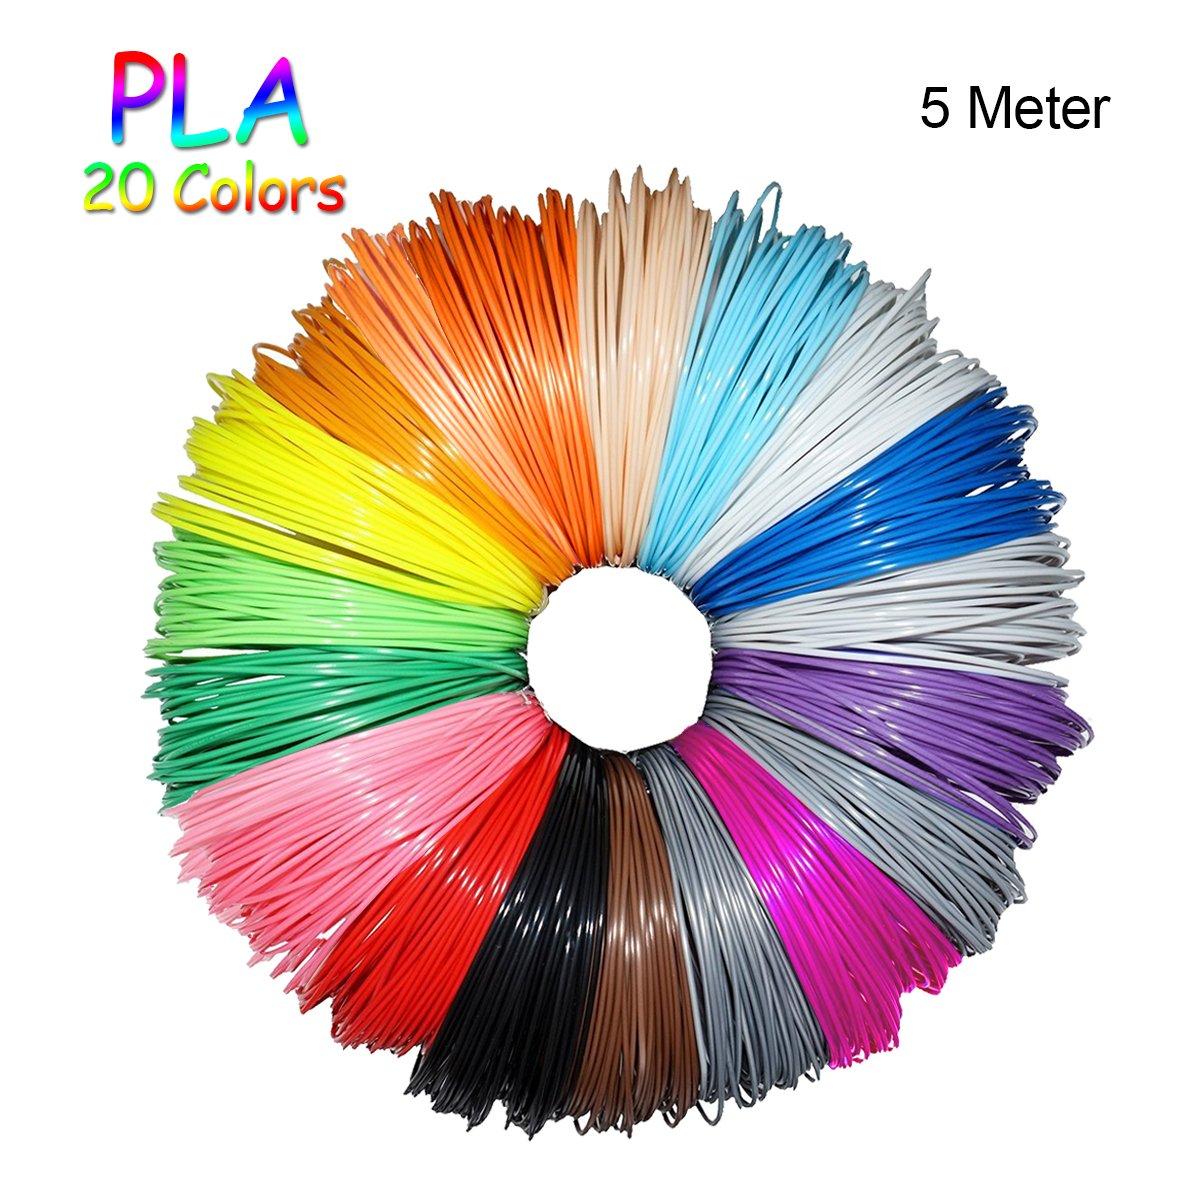 Filamento PLA per Stampanti 3D/Penne 3D, 1,75 mm, Precisione Dimensionale +/- 0,03 mm, 10M/Colore, 20 Colori, 680g FOCHEA